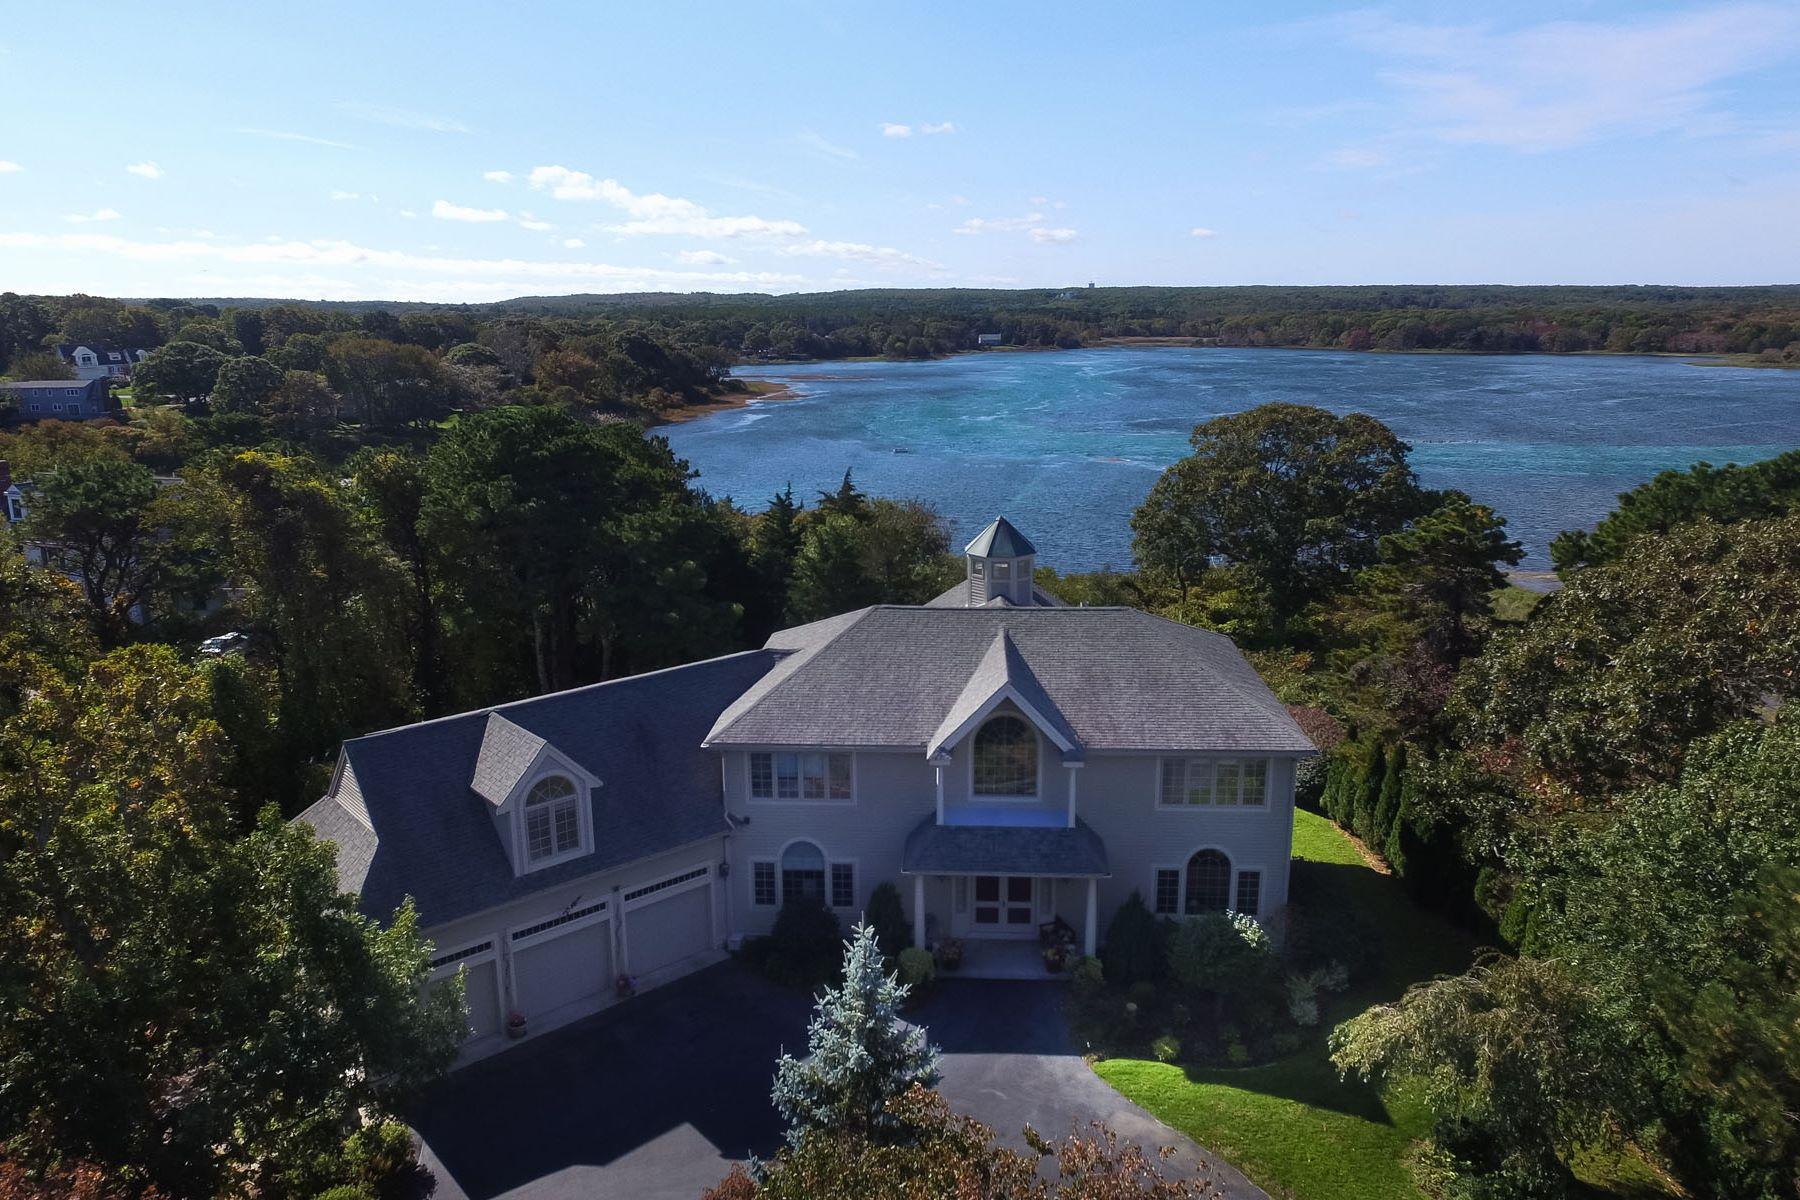 Maison unifamiliale pour l Vente à PALATIAL HOME OVERLOOKING SCORTON CREEK 34 Goose Point Lane East Sandwich, Massachusetts, 02537 États-Unis